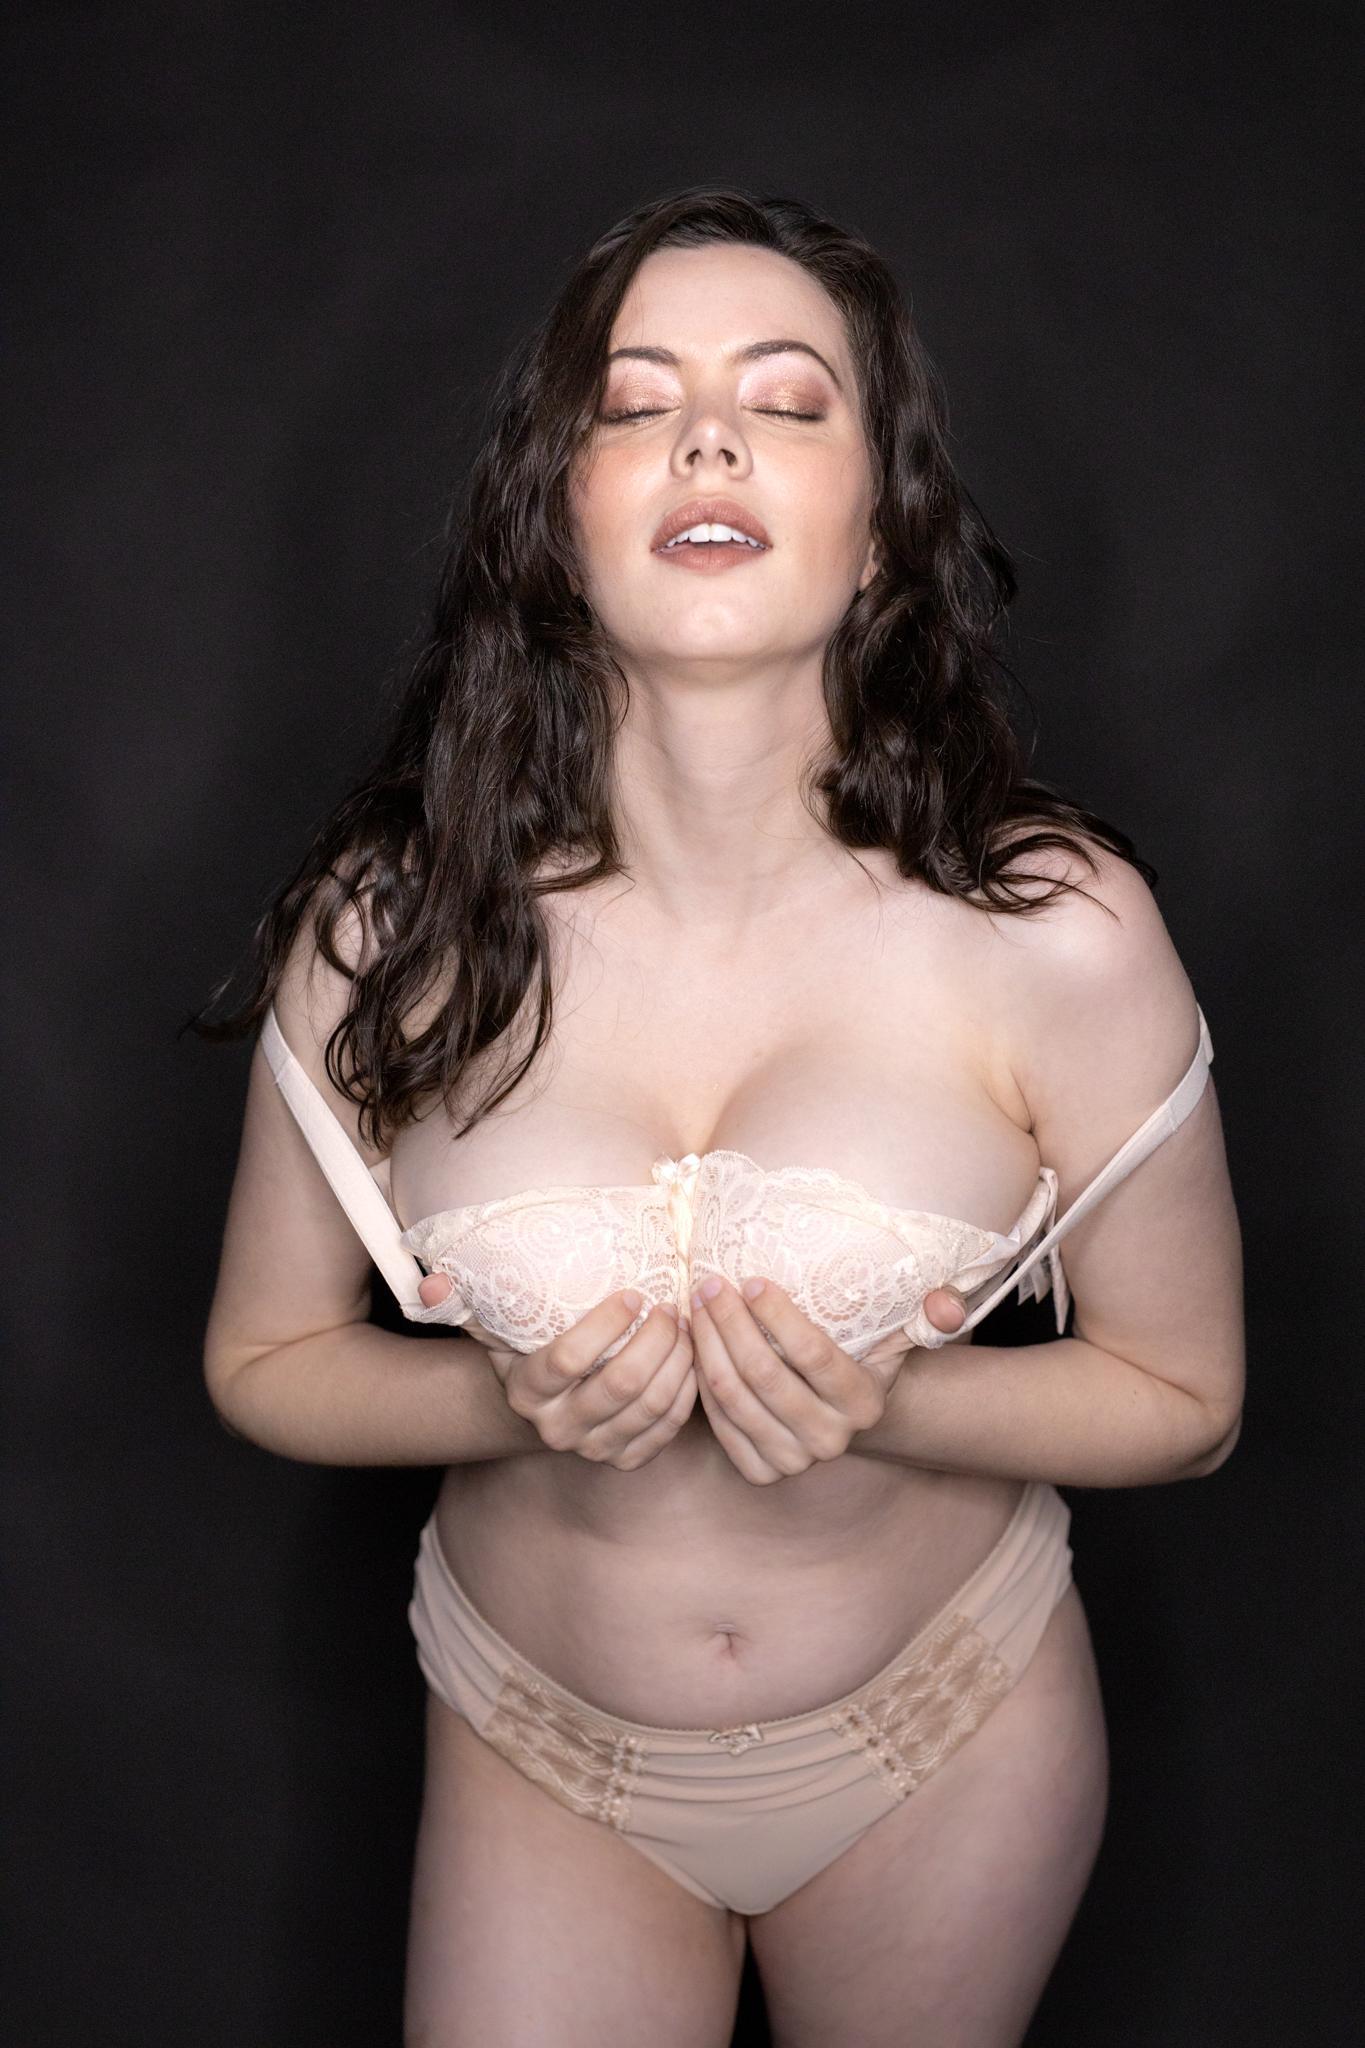 Sam Paige Nude Lingerie Strip Set Leaked 0005